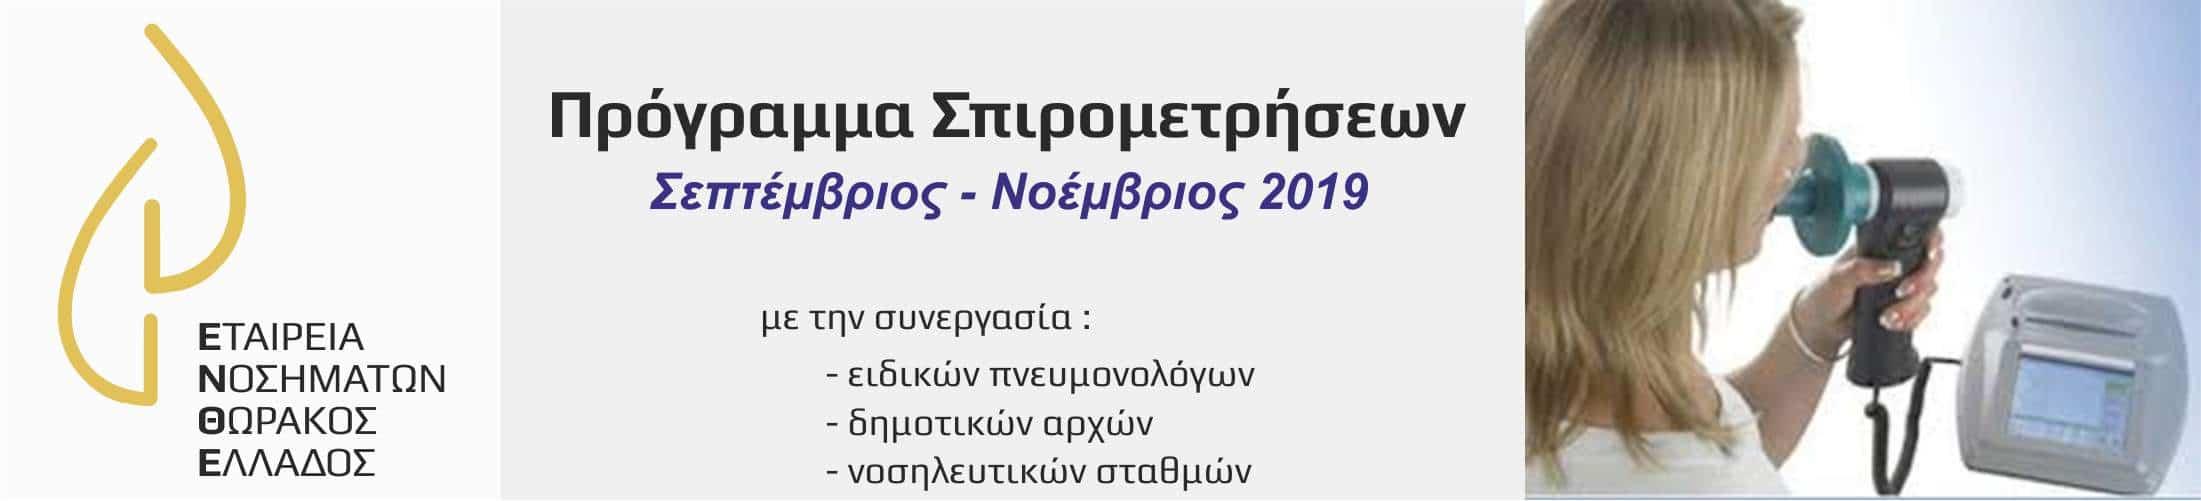 σπιρομετρήσεις 2019